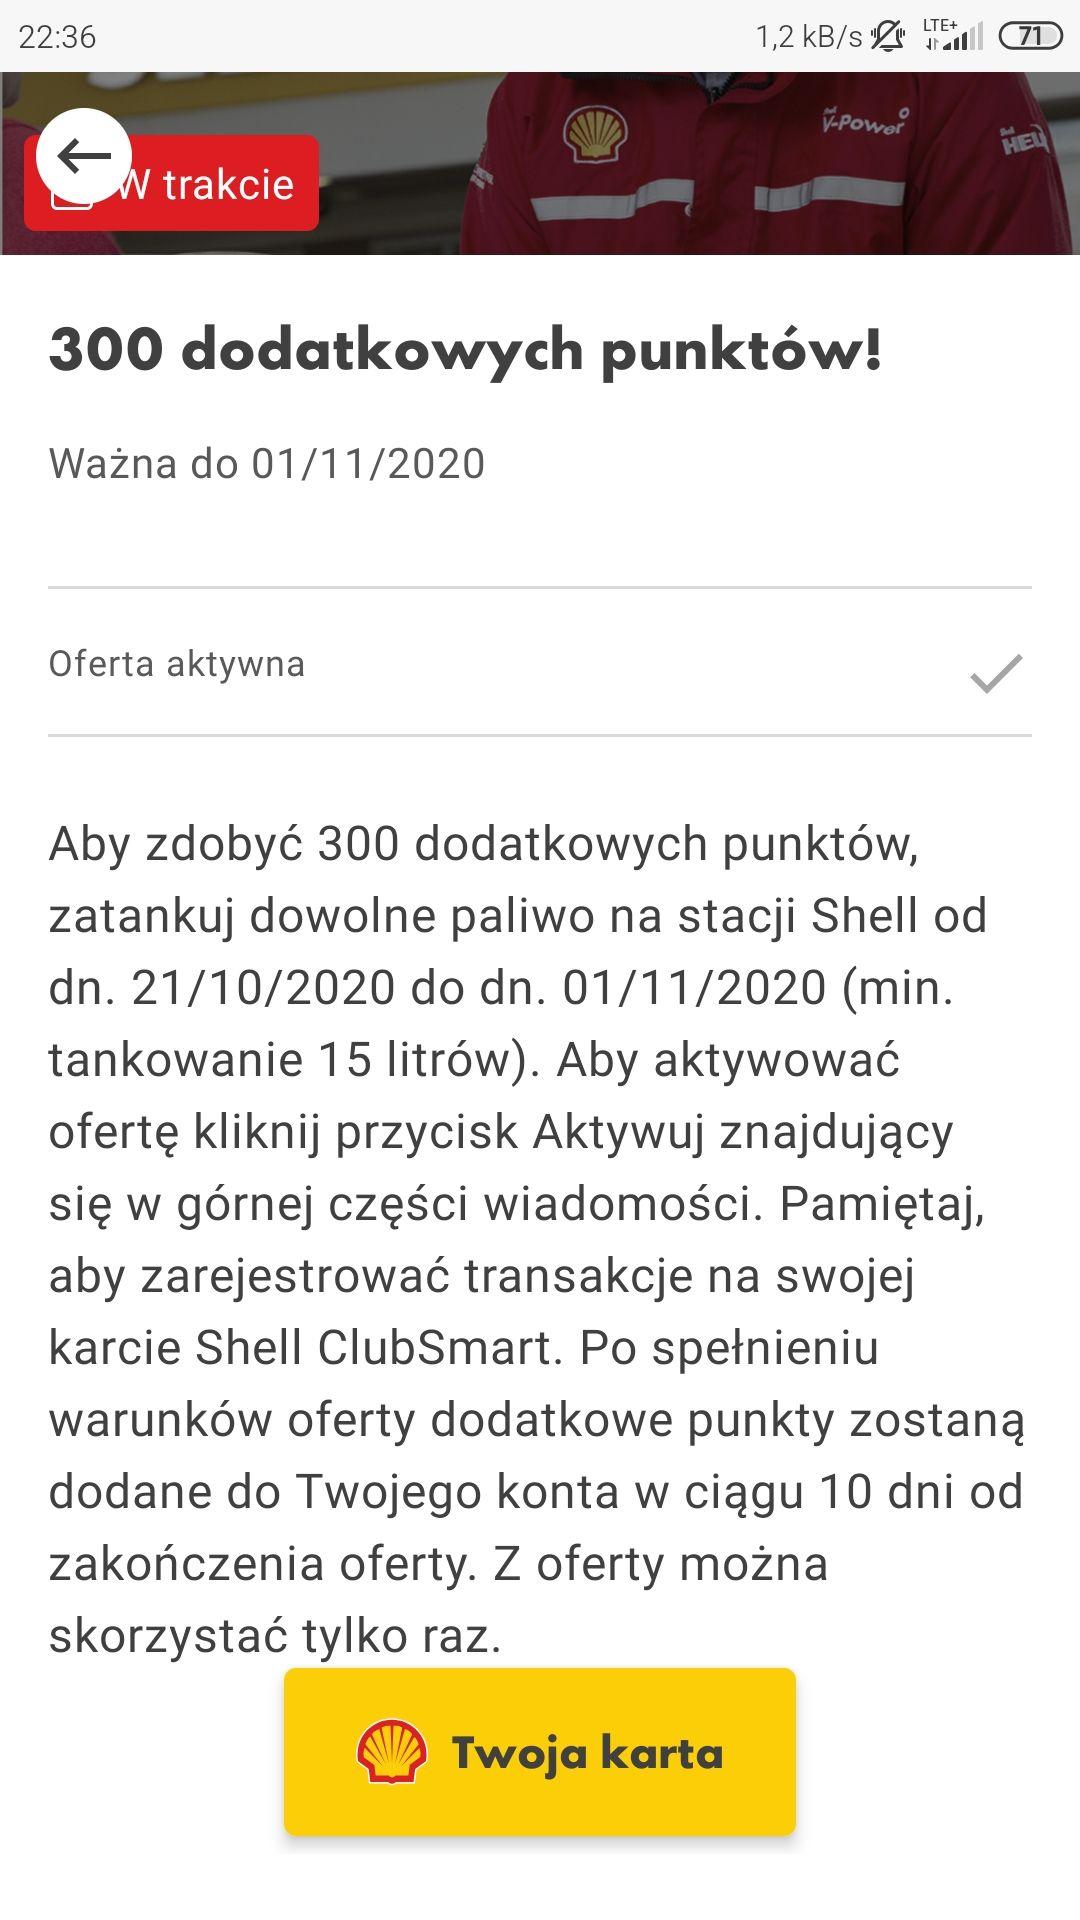 Shell - dodatkowe 300 pkt w aplikacji